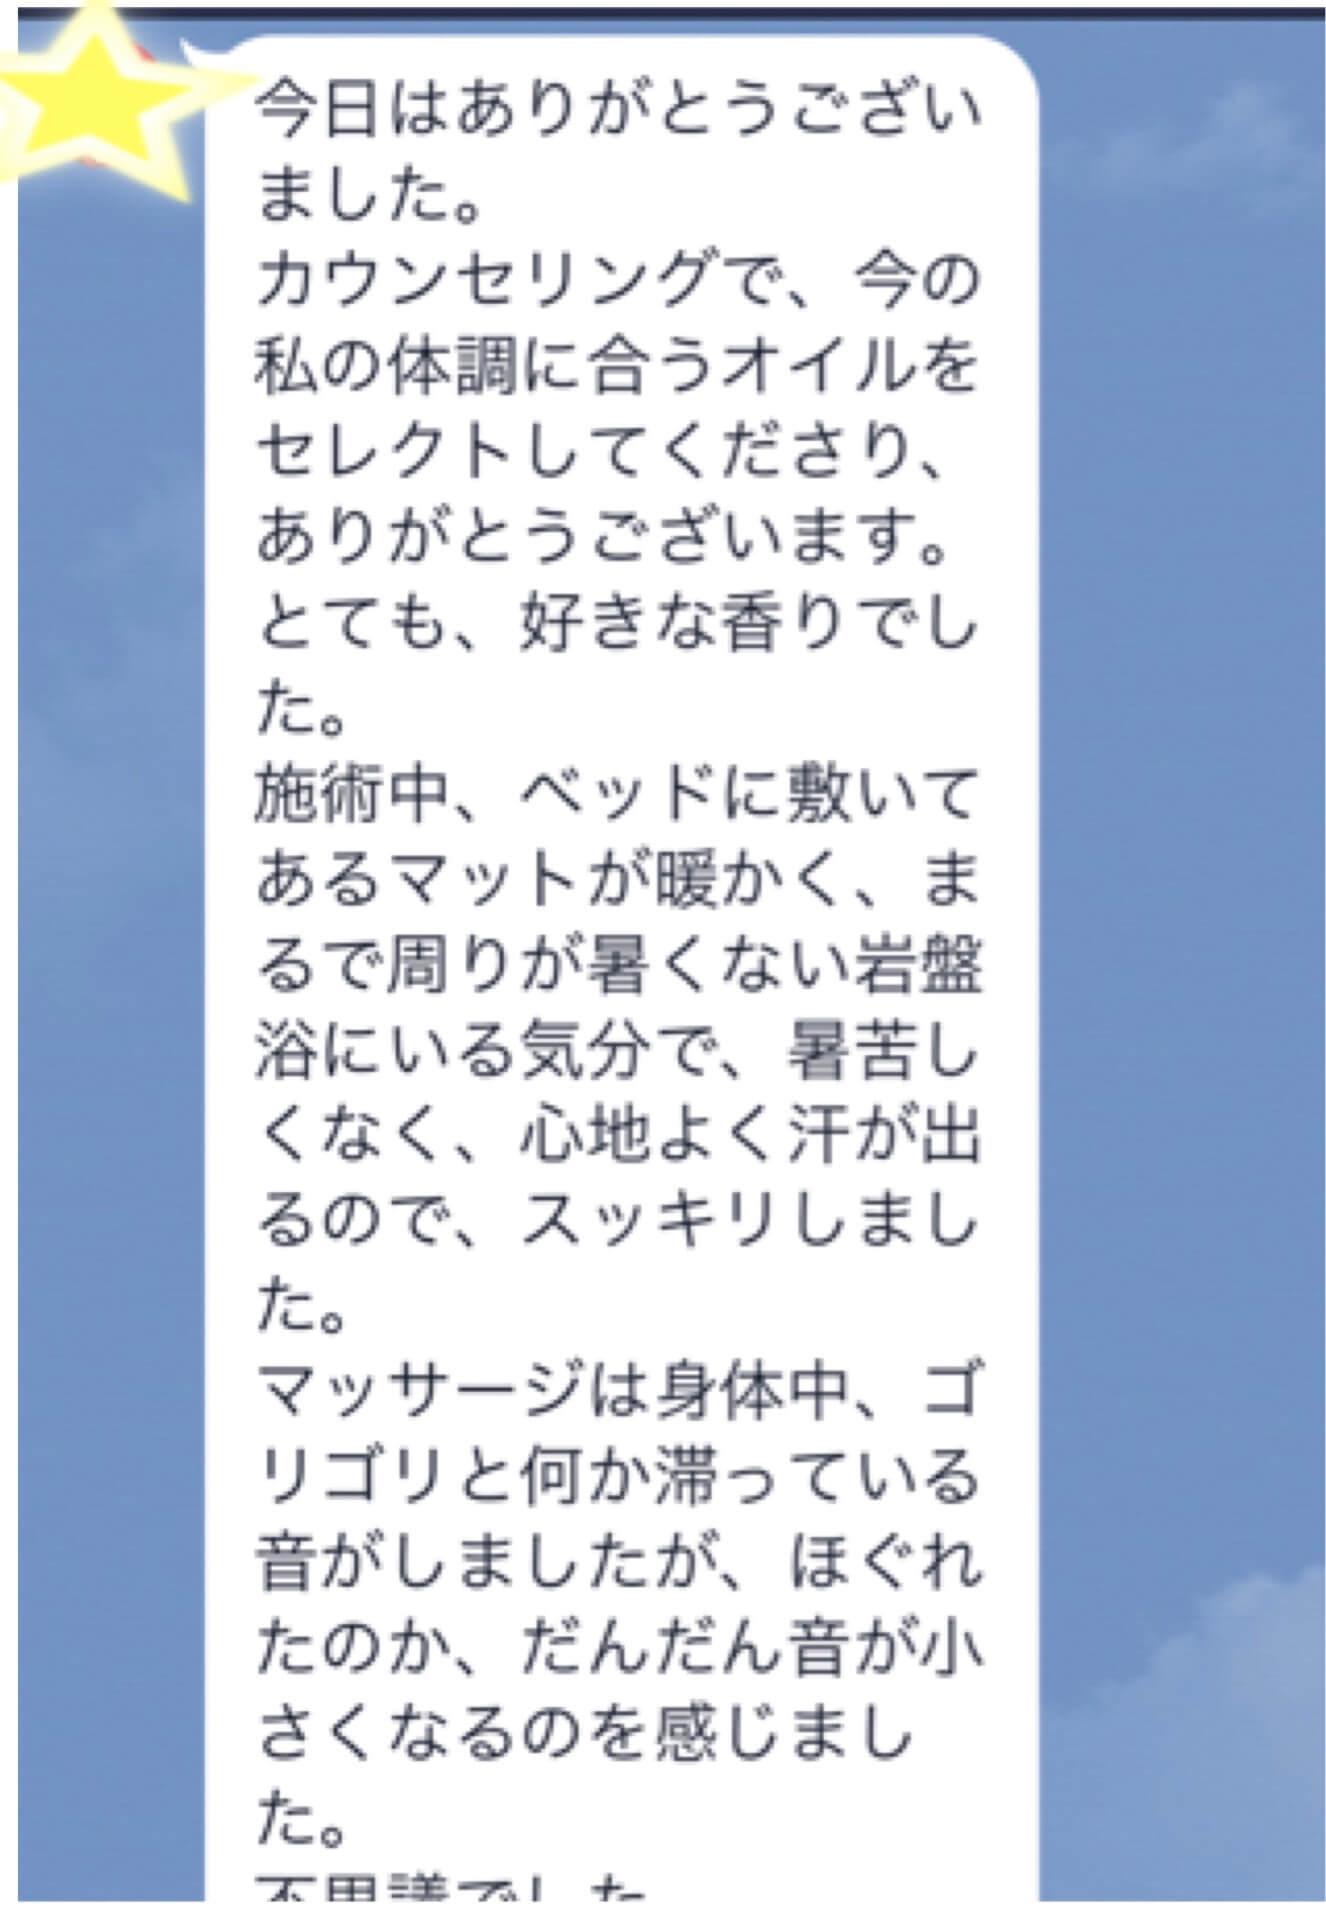 お客さまの声(深層)@LINE